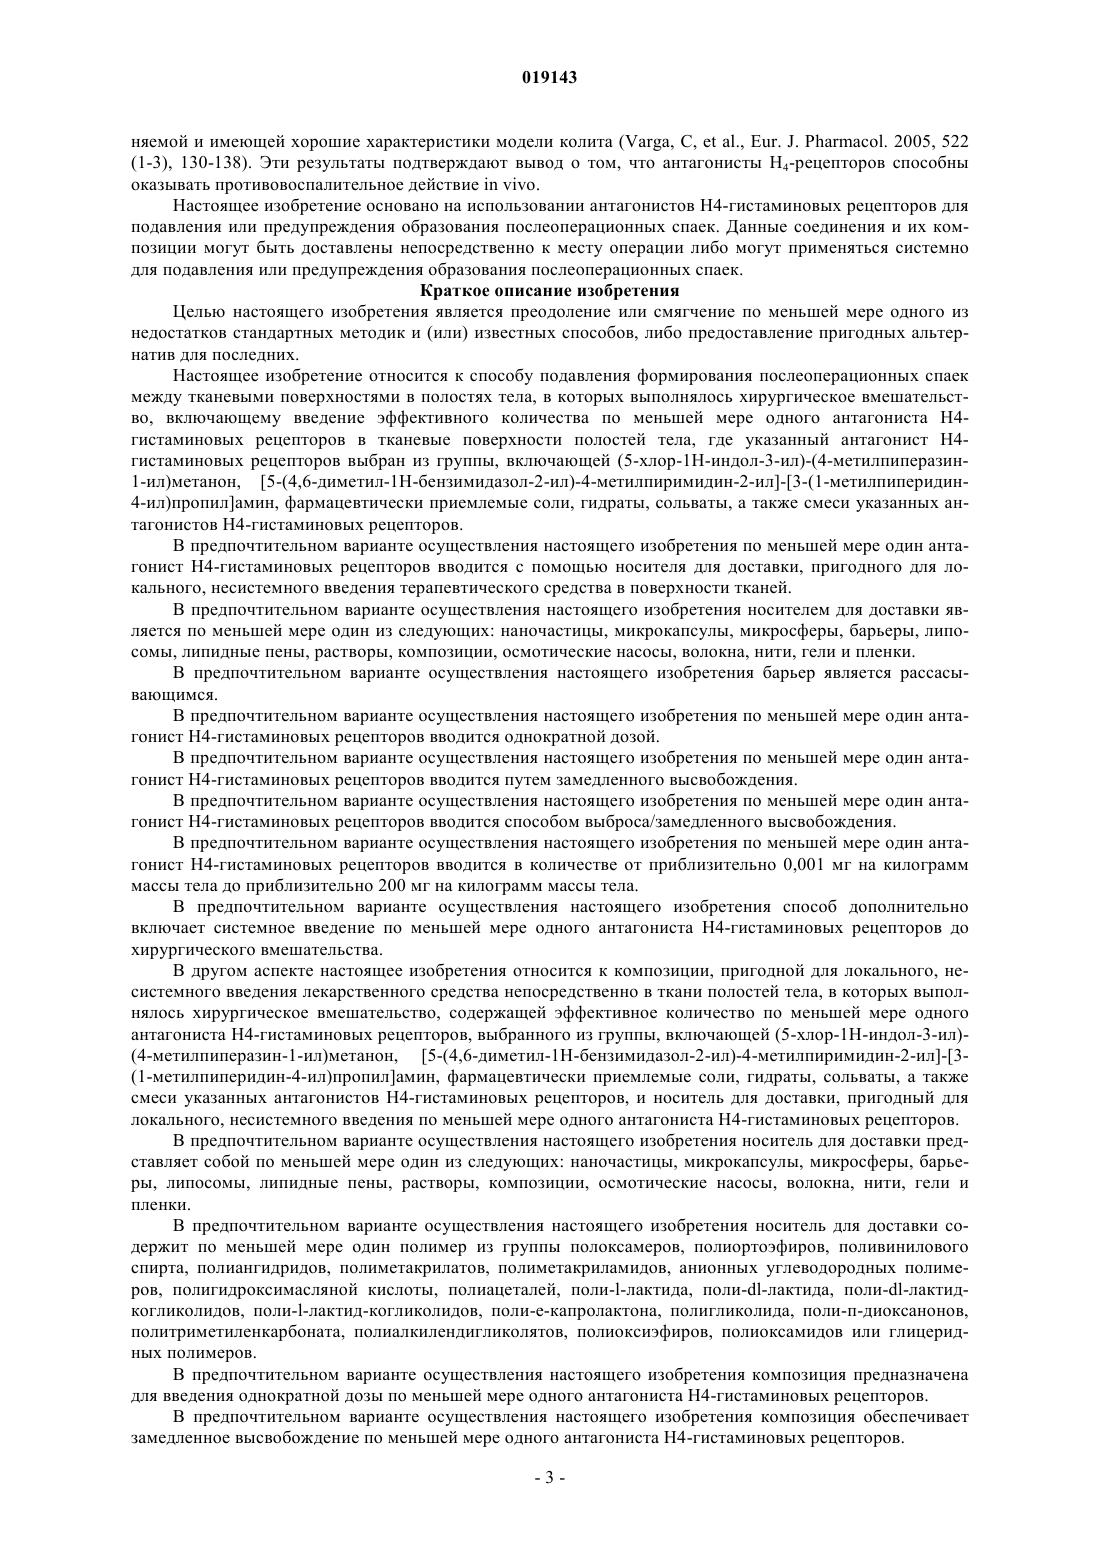 Фосфат Гистаминовой Кислоты фото